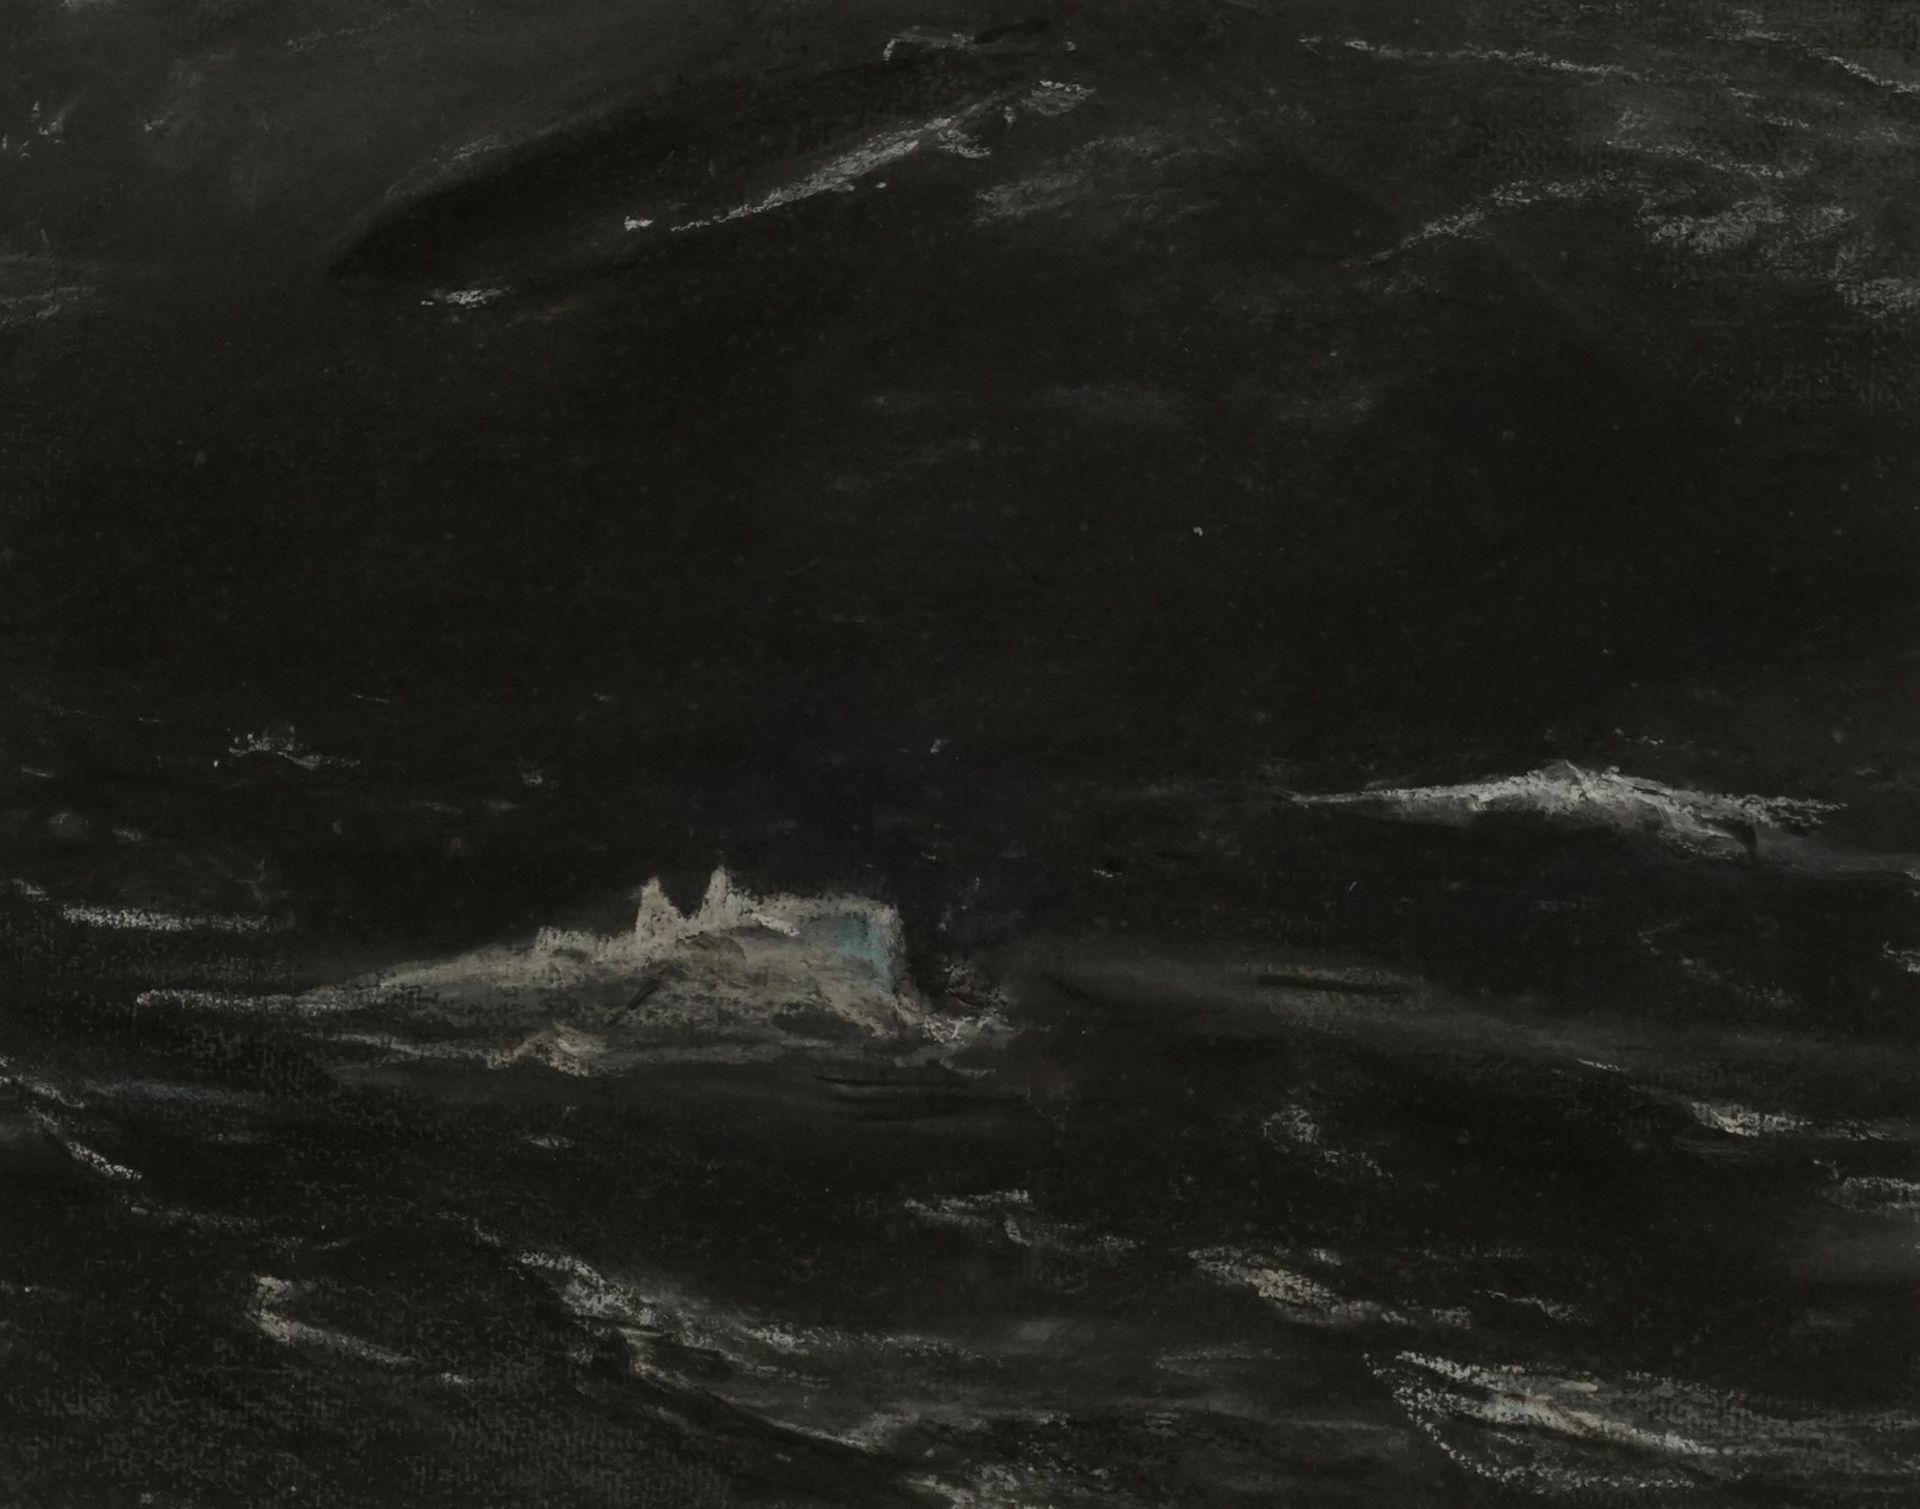 Wohl Ernst-Ludwig von Aster, Abtauchendes U-Boot mit Zeppelin